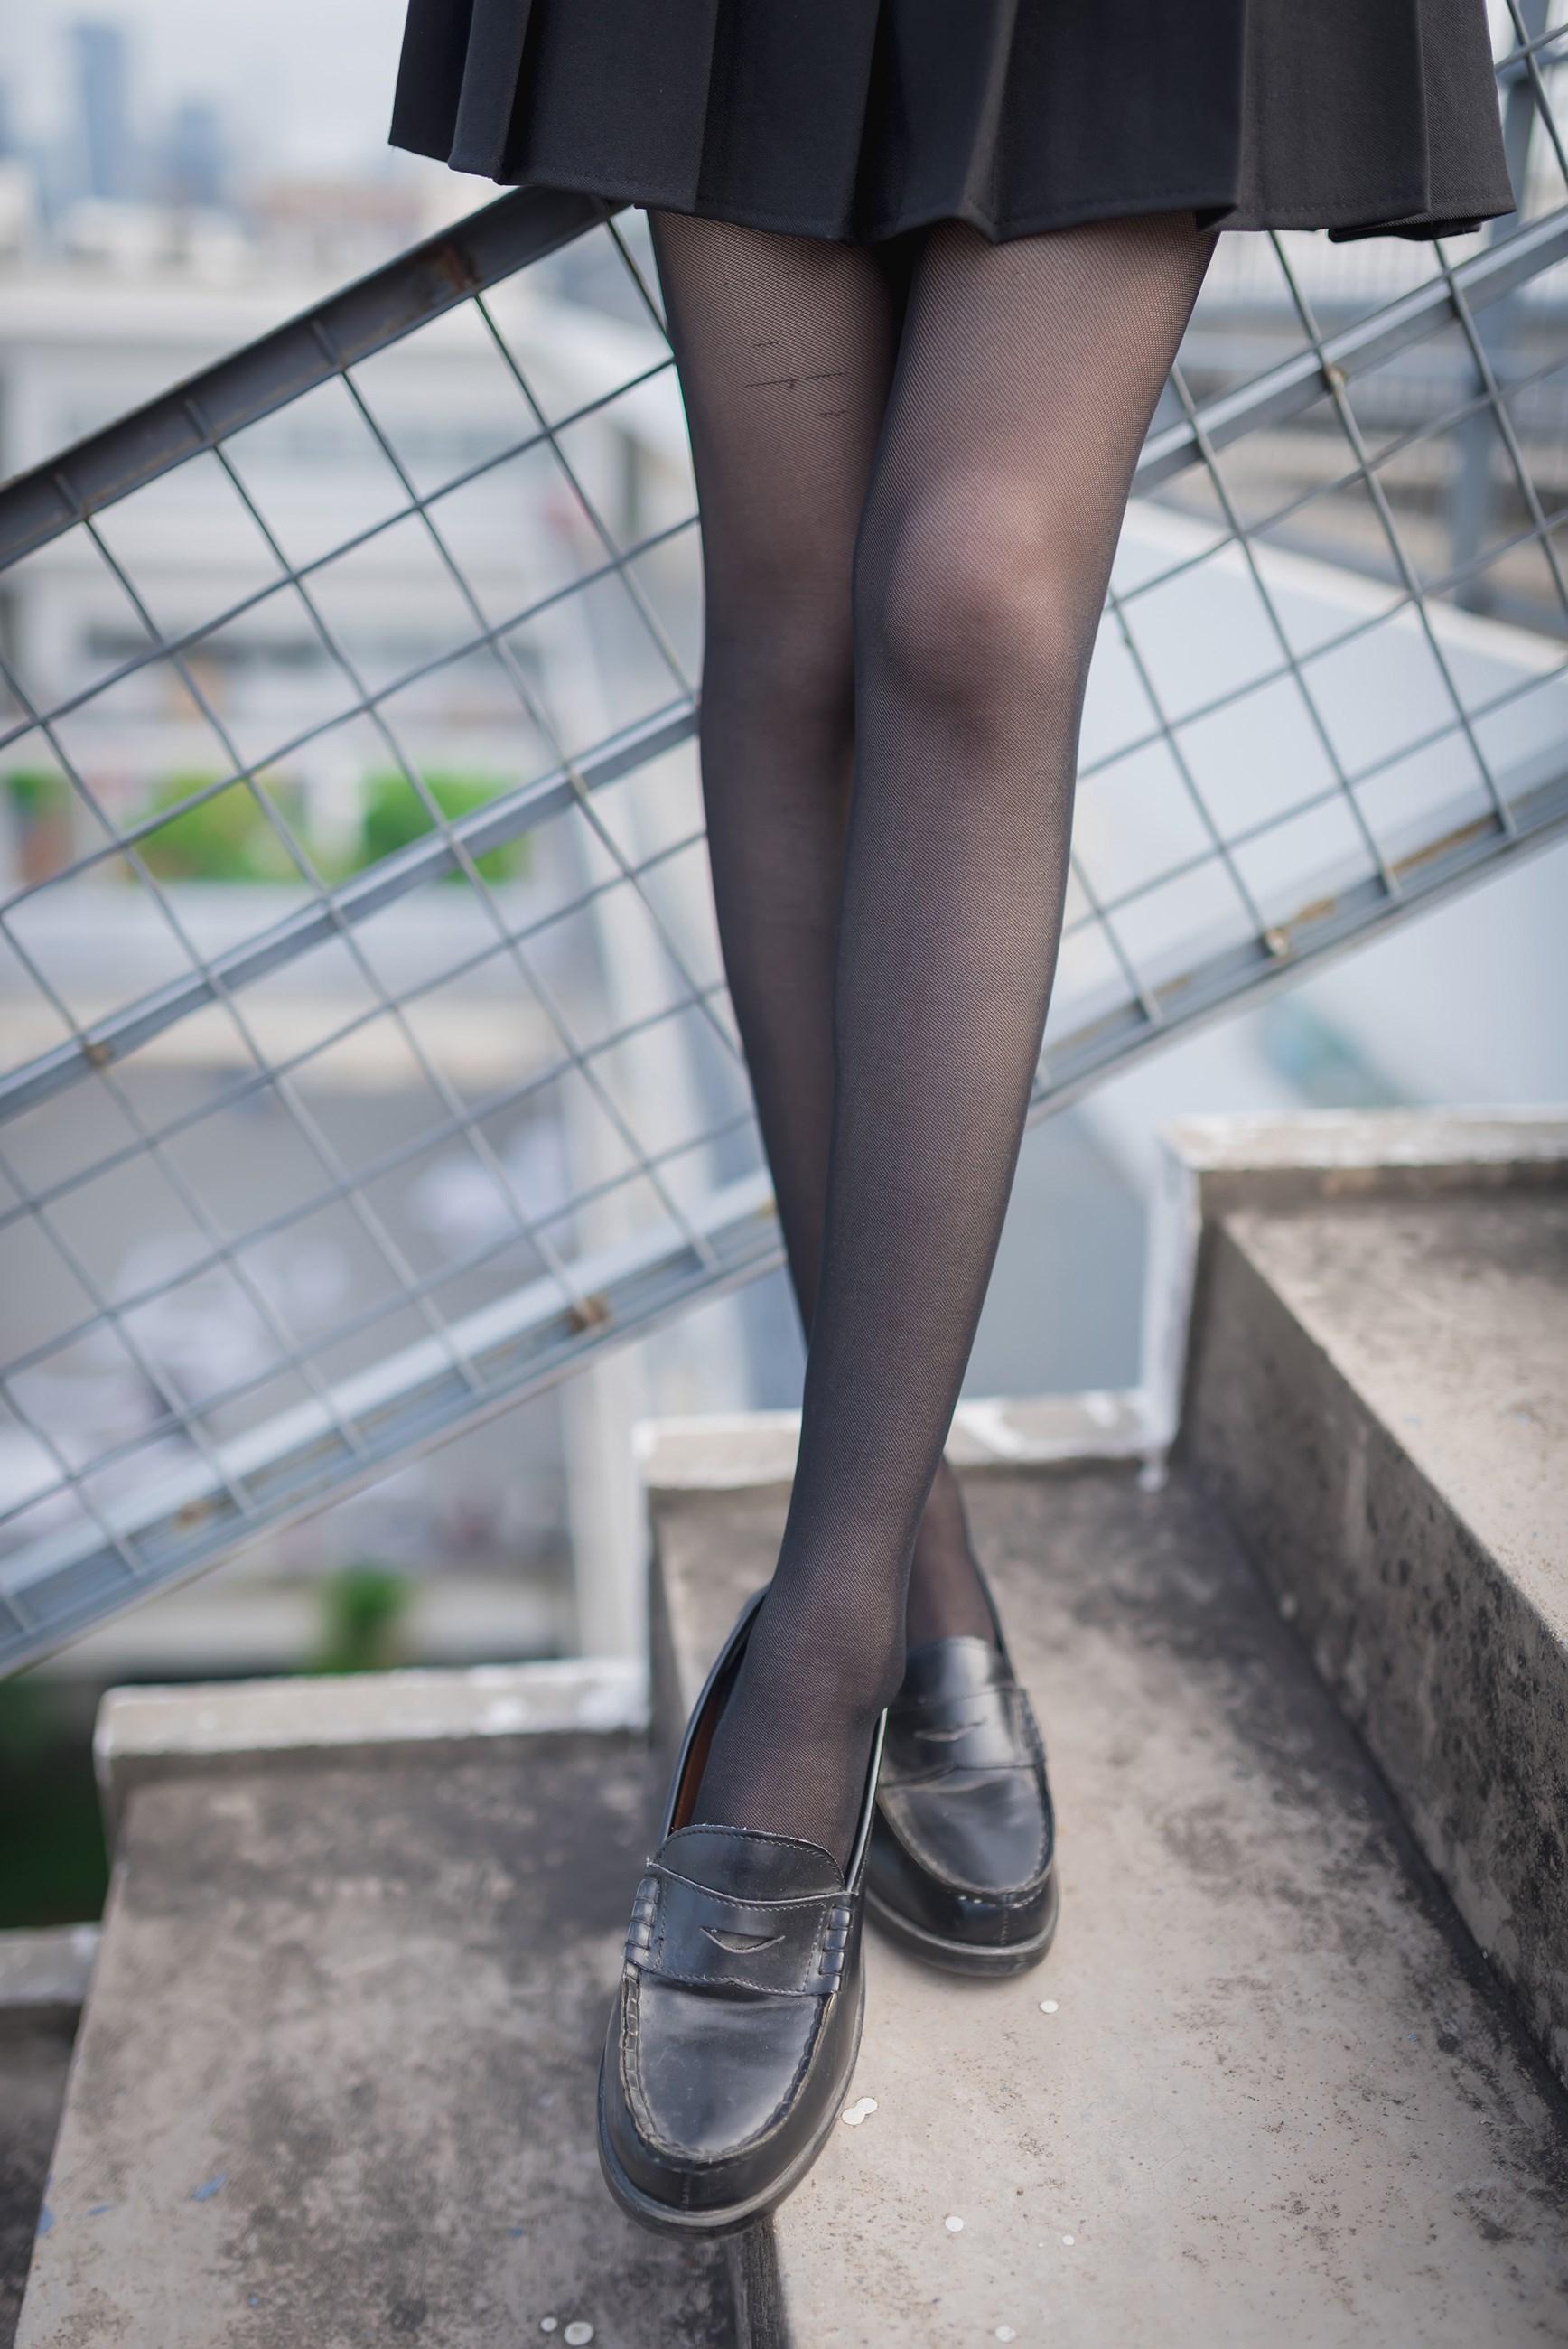 【兔玩映画】天台的黑丝少女 兔玩映画 第41张